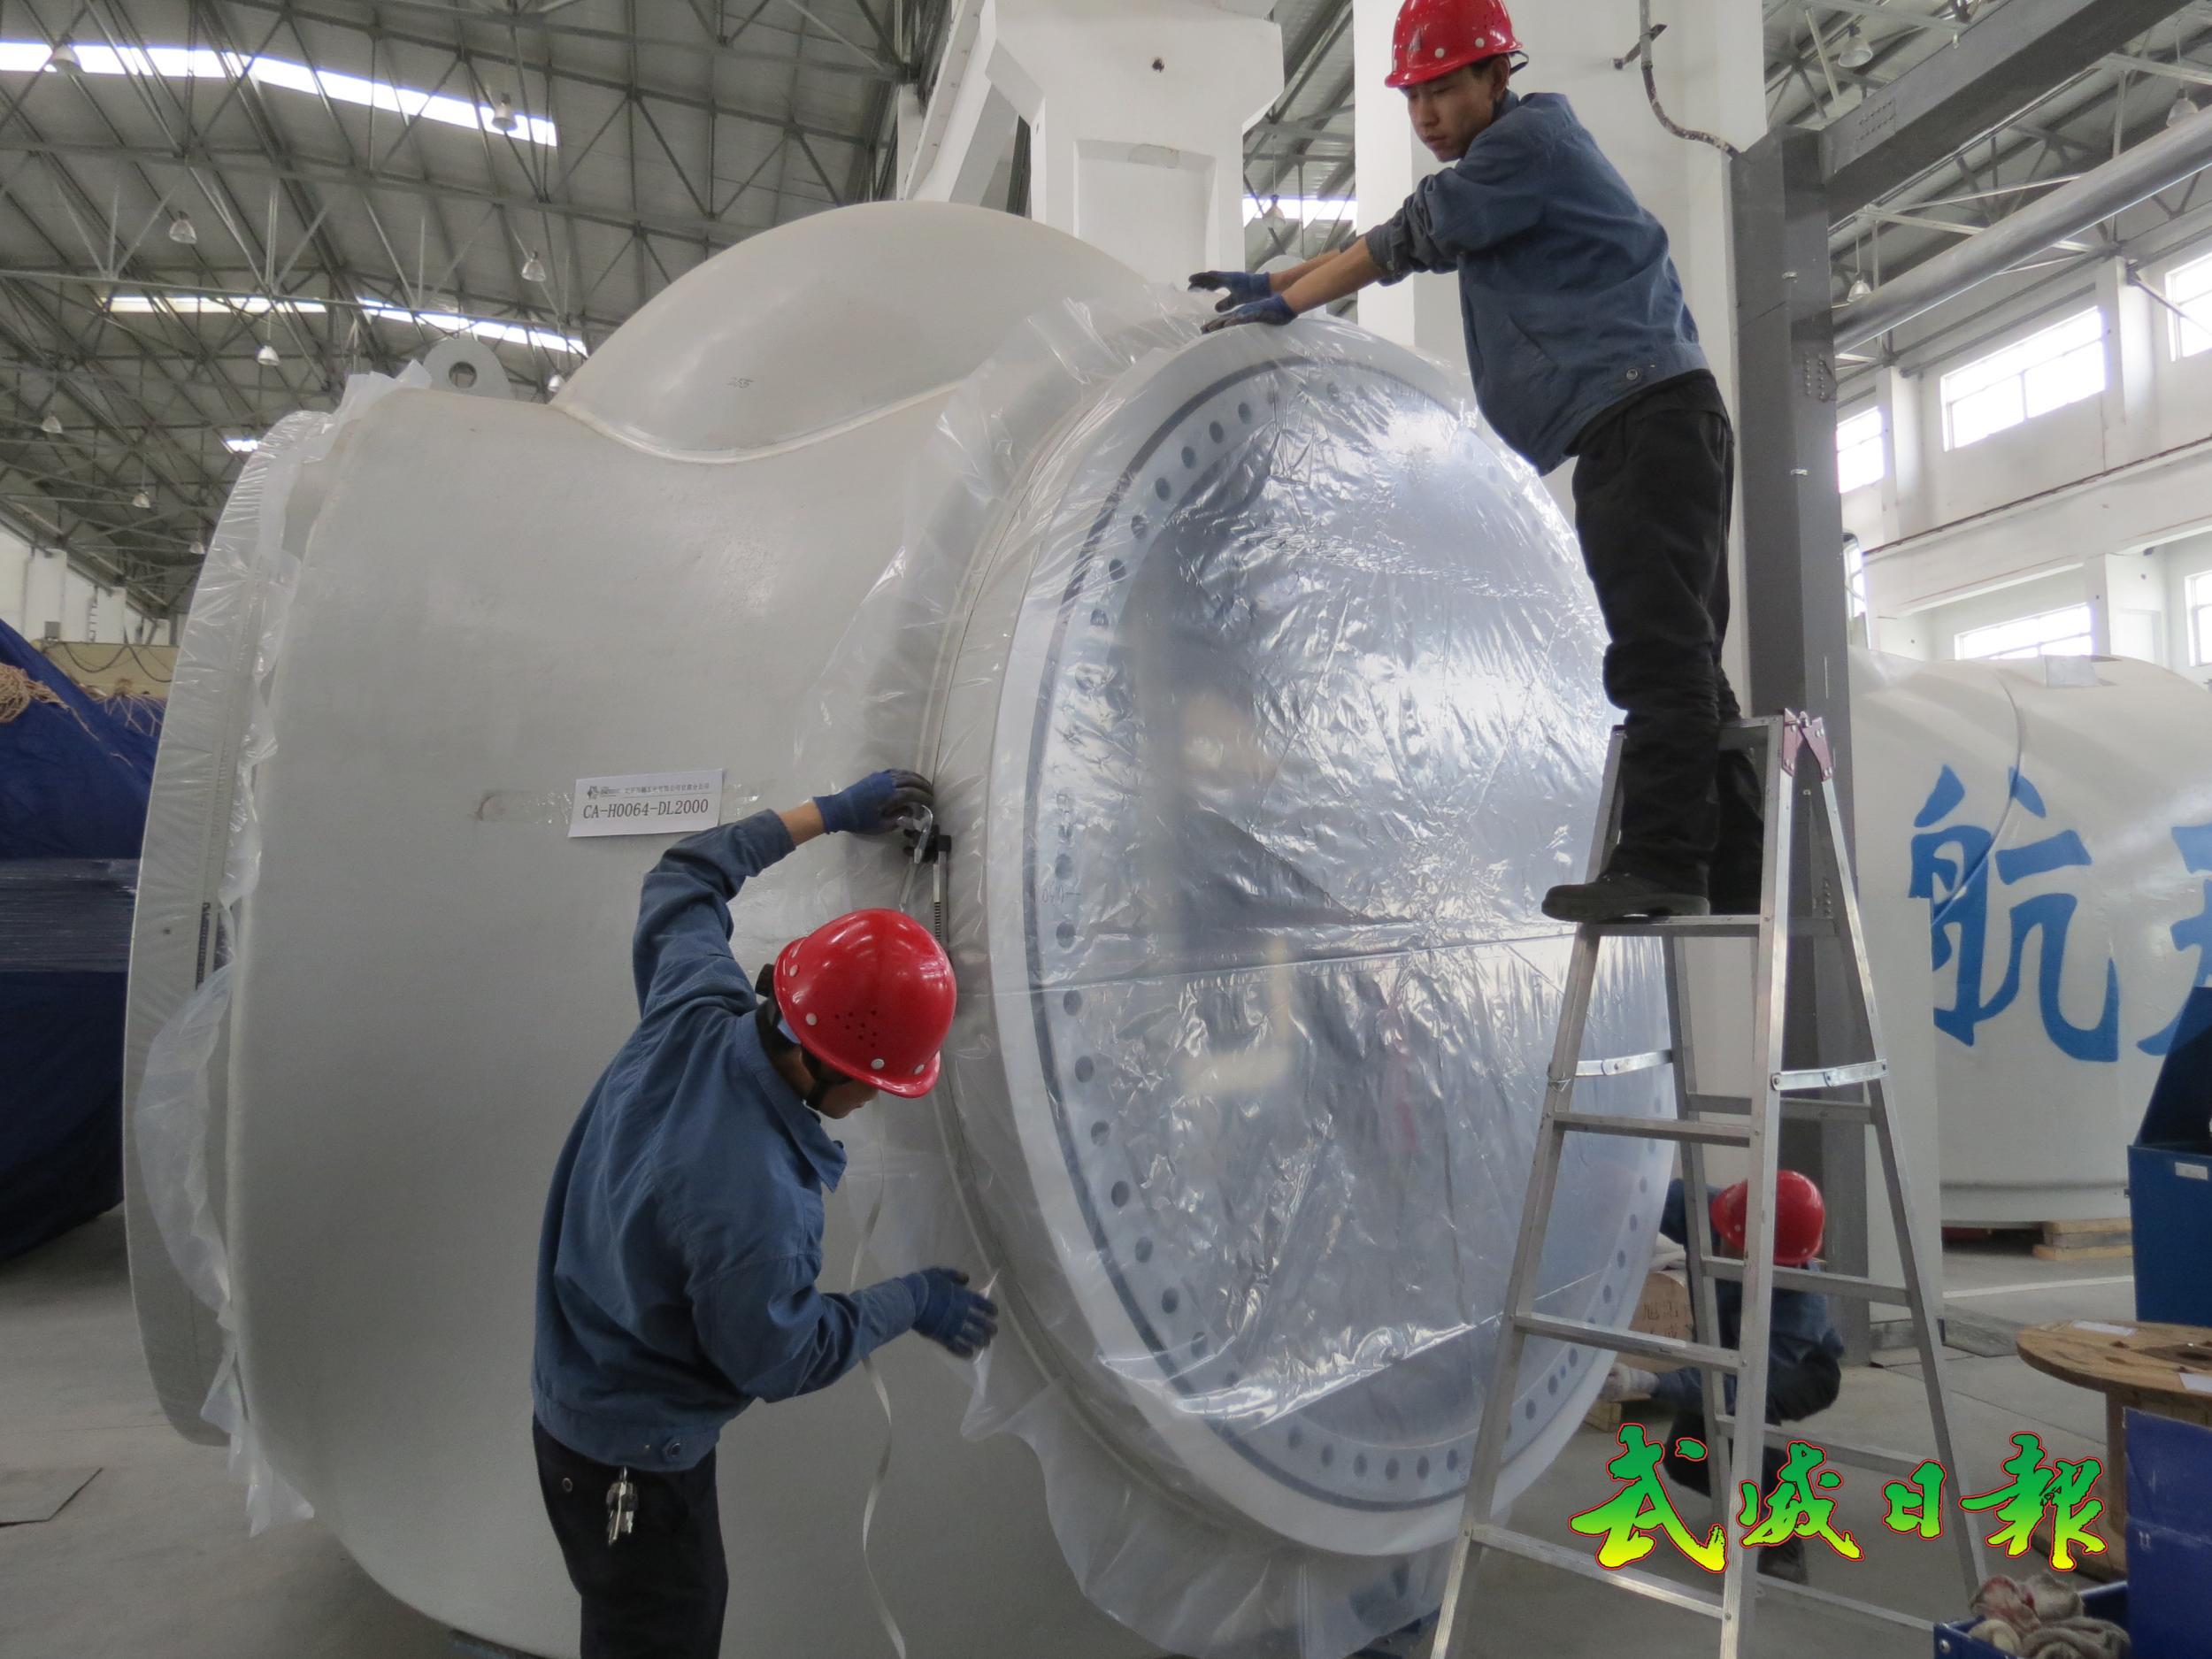 图片 新闻 工作人员 对风力发电机轮毂进行包装高清图片